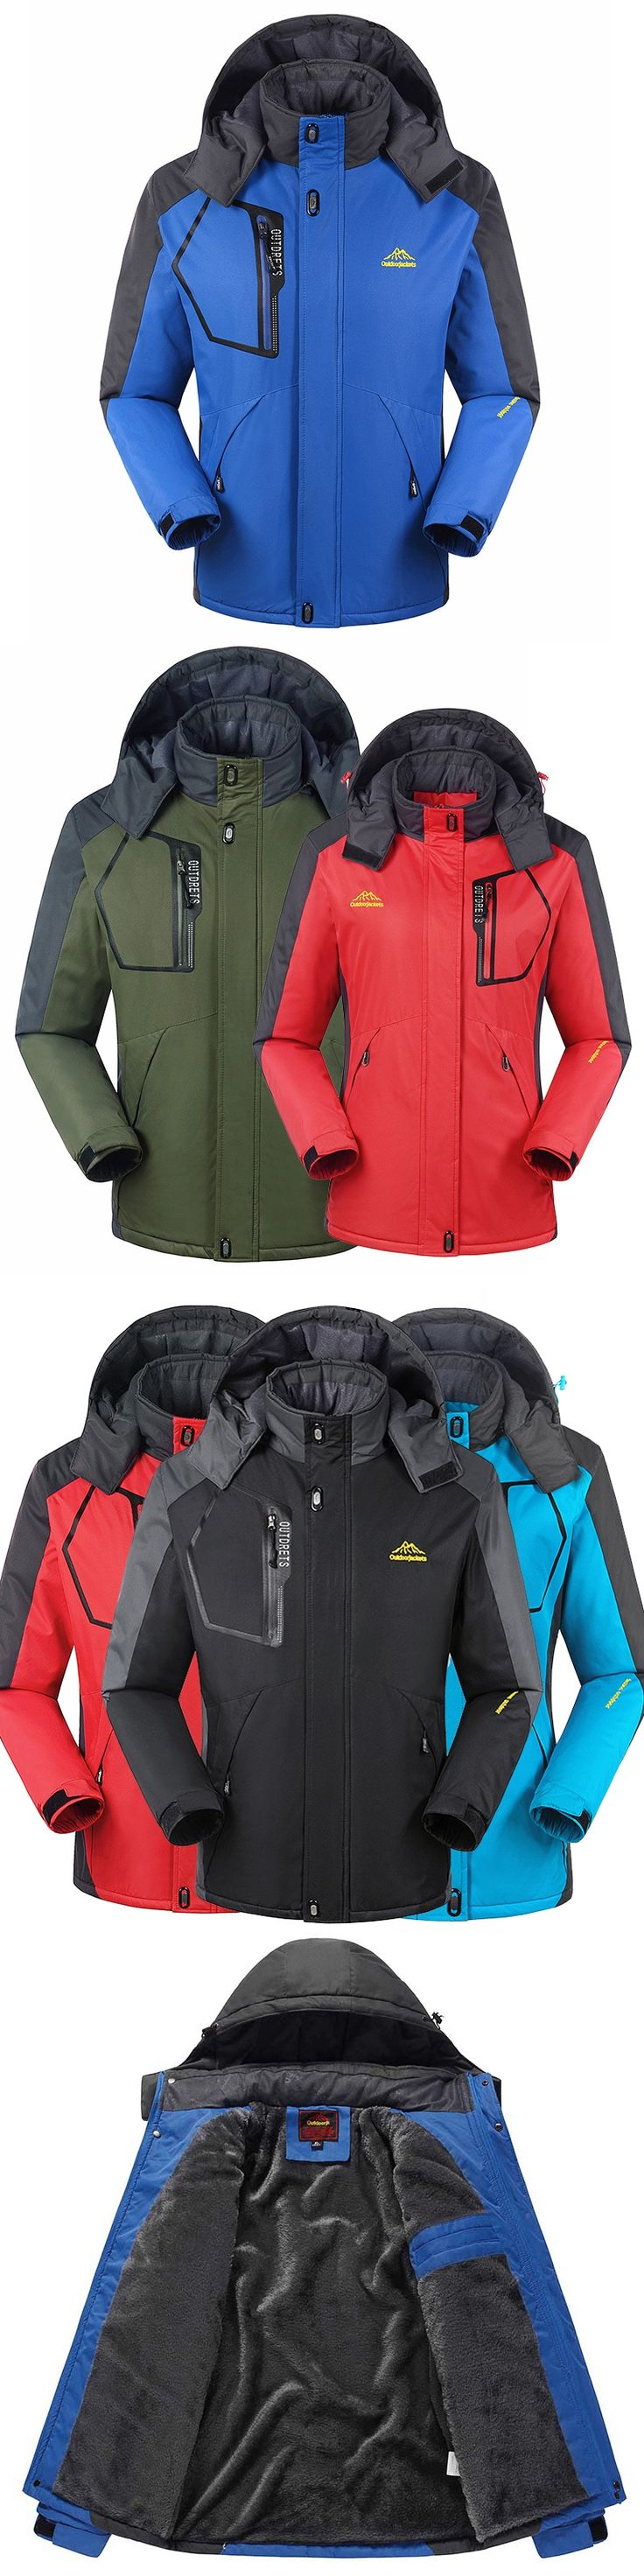 Winter men Waterproof Jacket Women Outwear thermal jacket and coat thick outwear Windbreake warm jackets 8XL,YA367